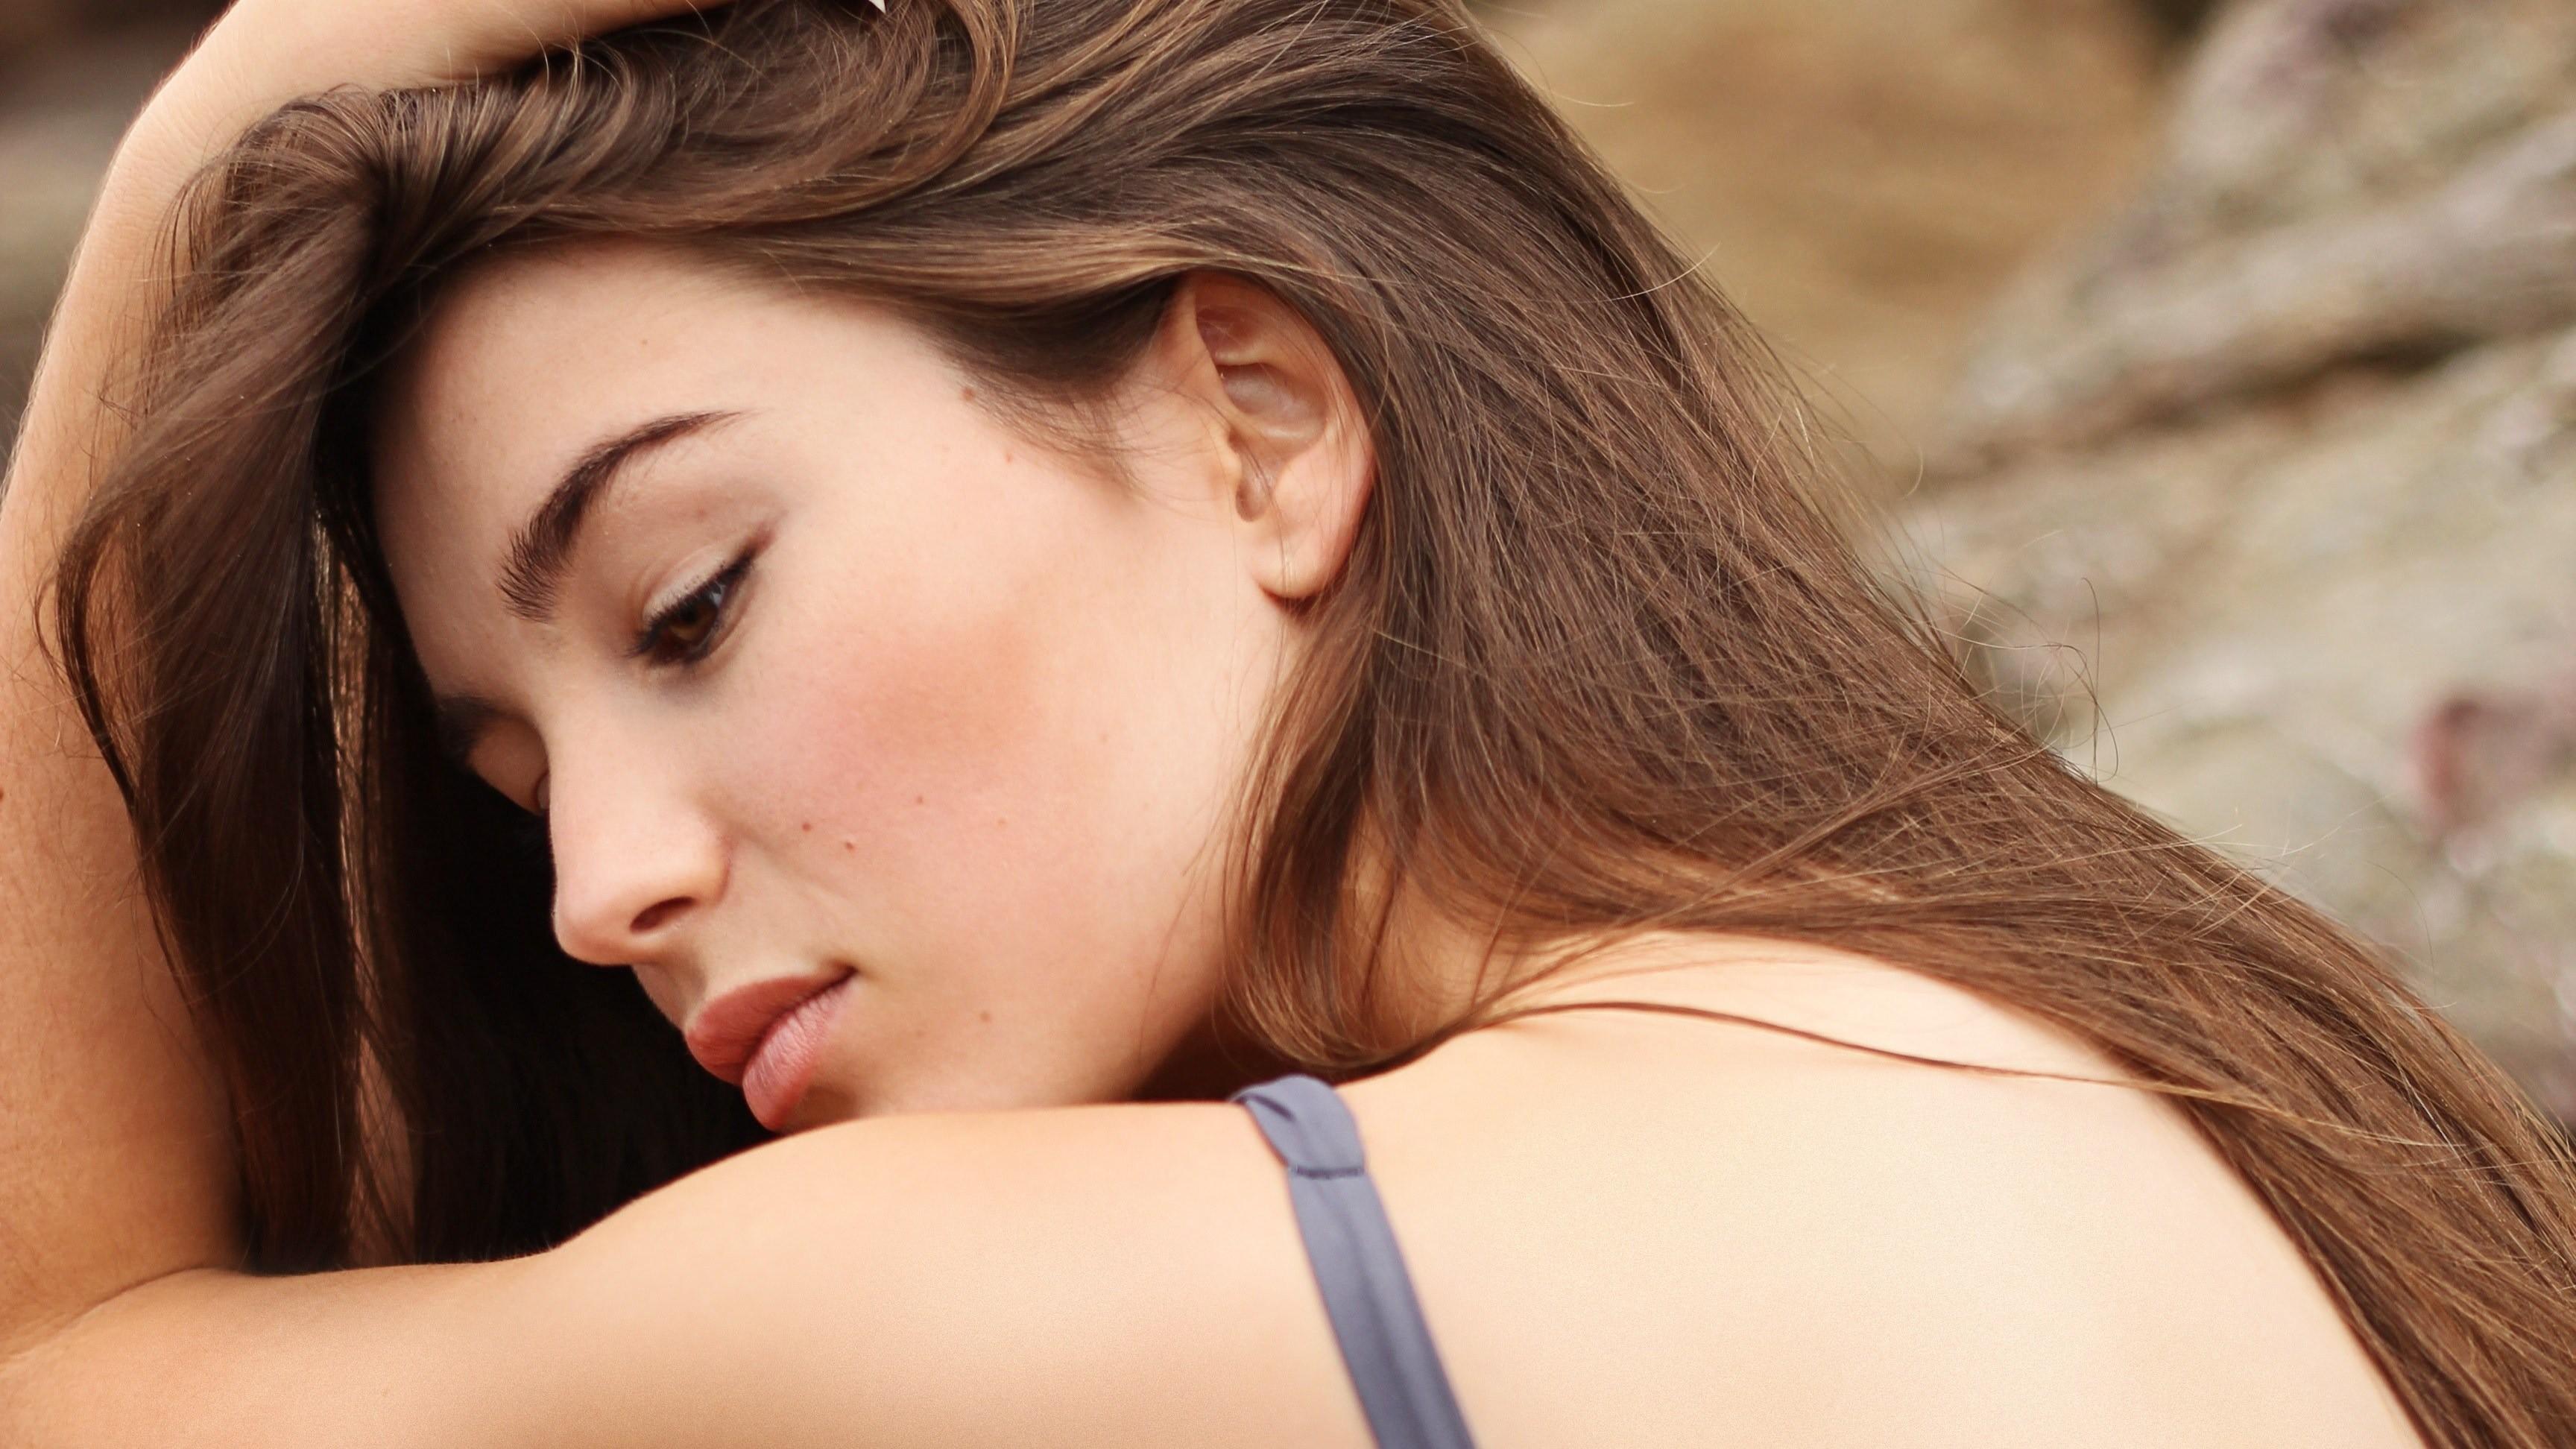 Мигрень с аурой: что это такое, симптомы и лечение